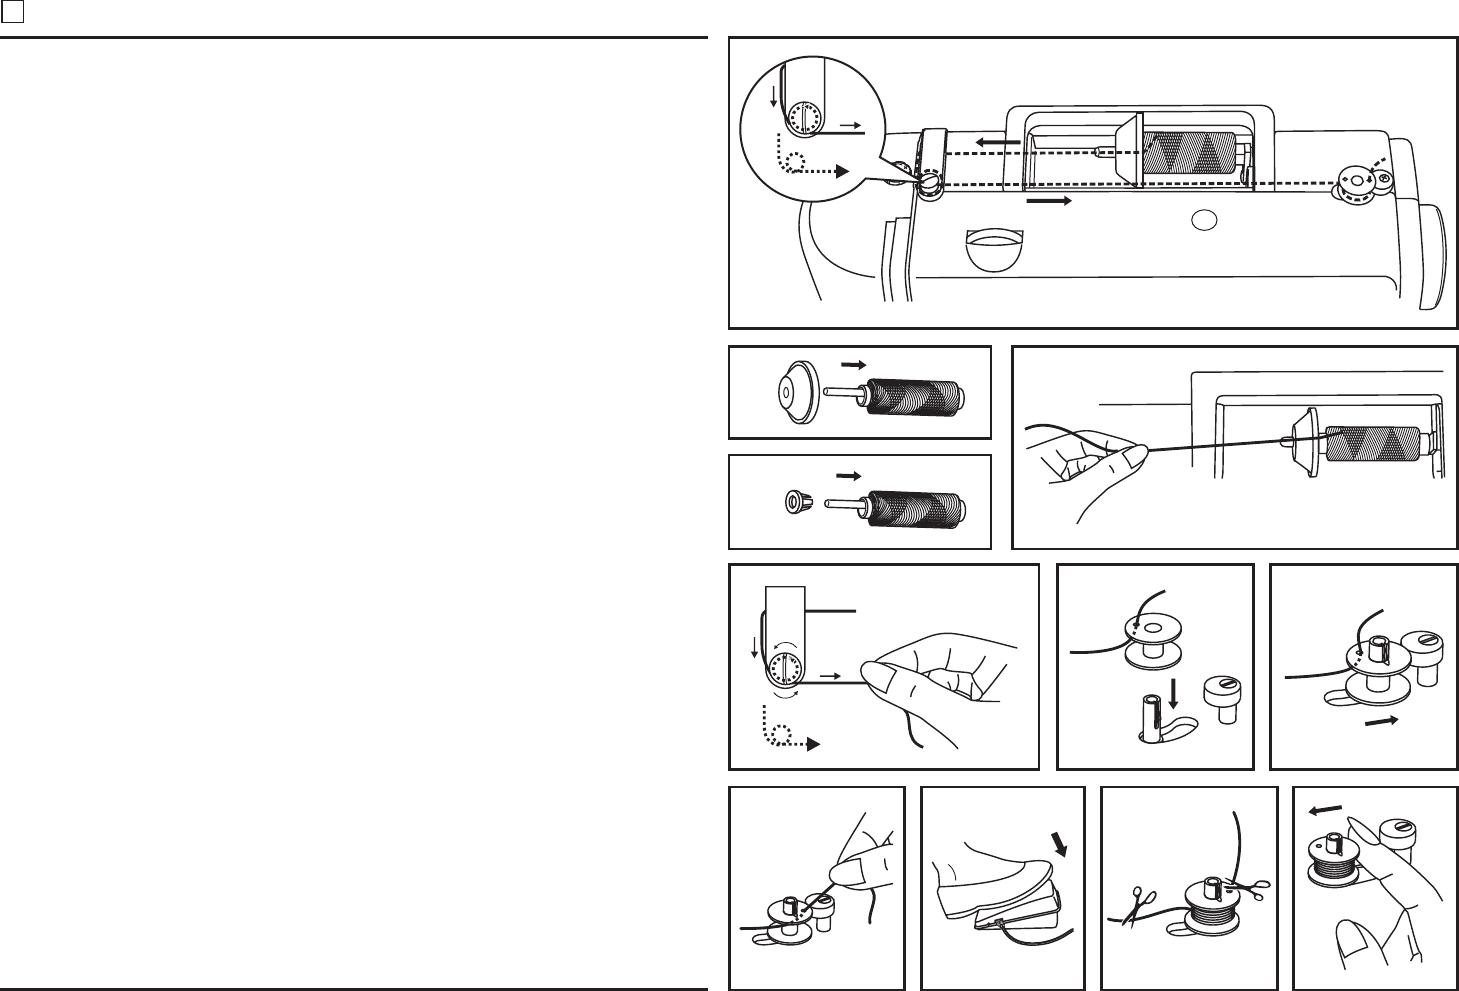 Bedienungsanleitung Singer 8280 (Seite 13 von 42) (Deutsch) ~ Nähmaschine Unterfaden Aufspulen